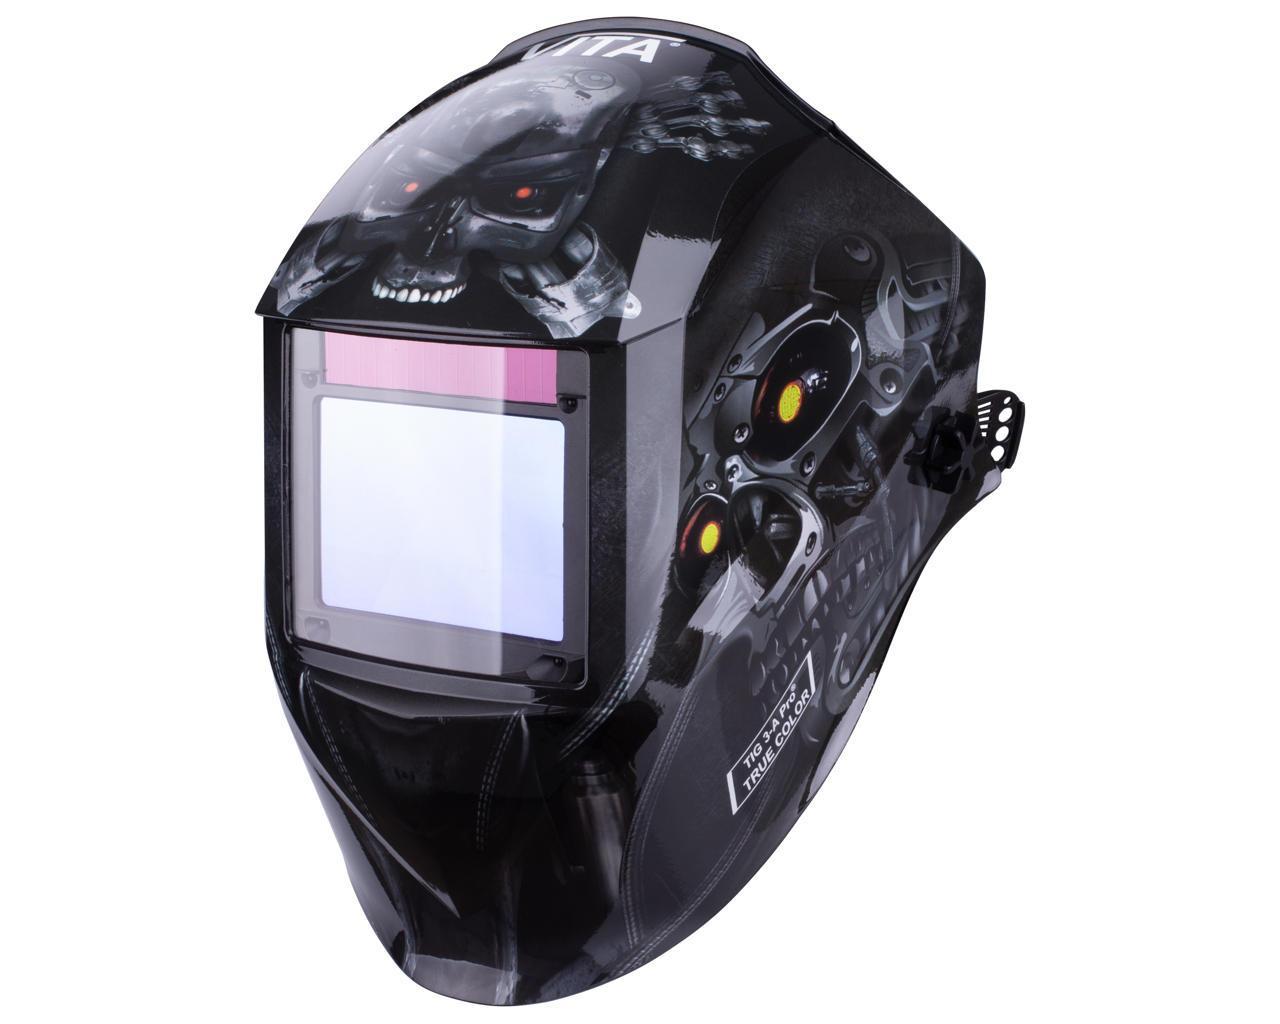 Зварювальна маска VITA TIG 3-A Pro TrueColor (колір робот)